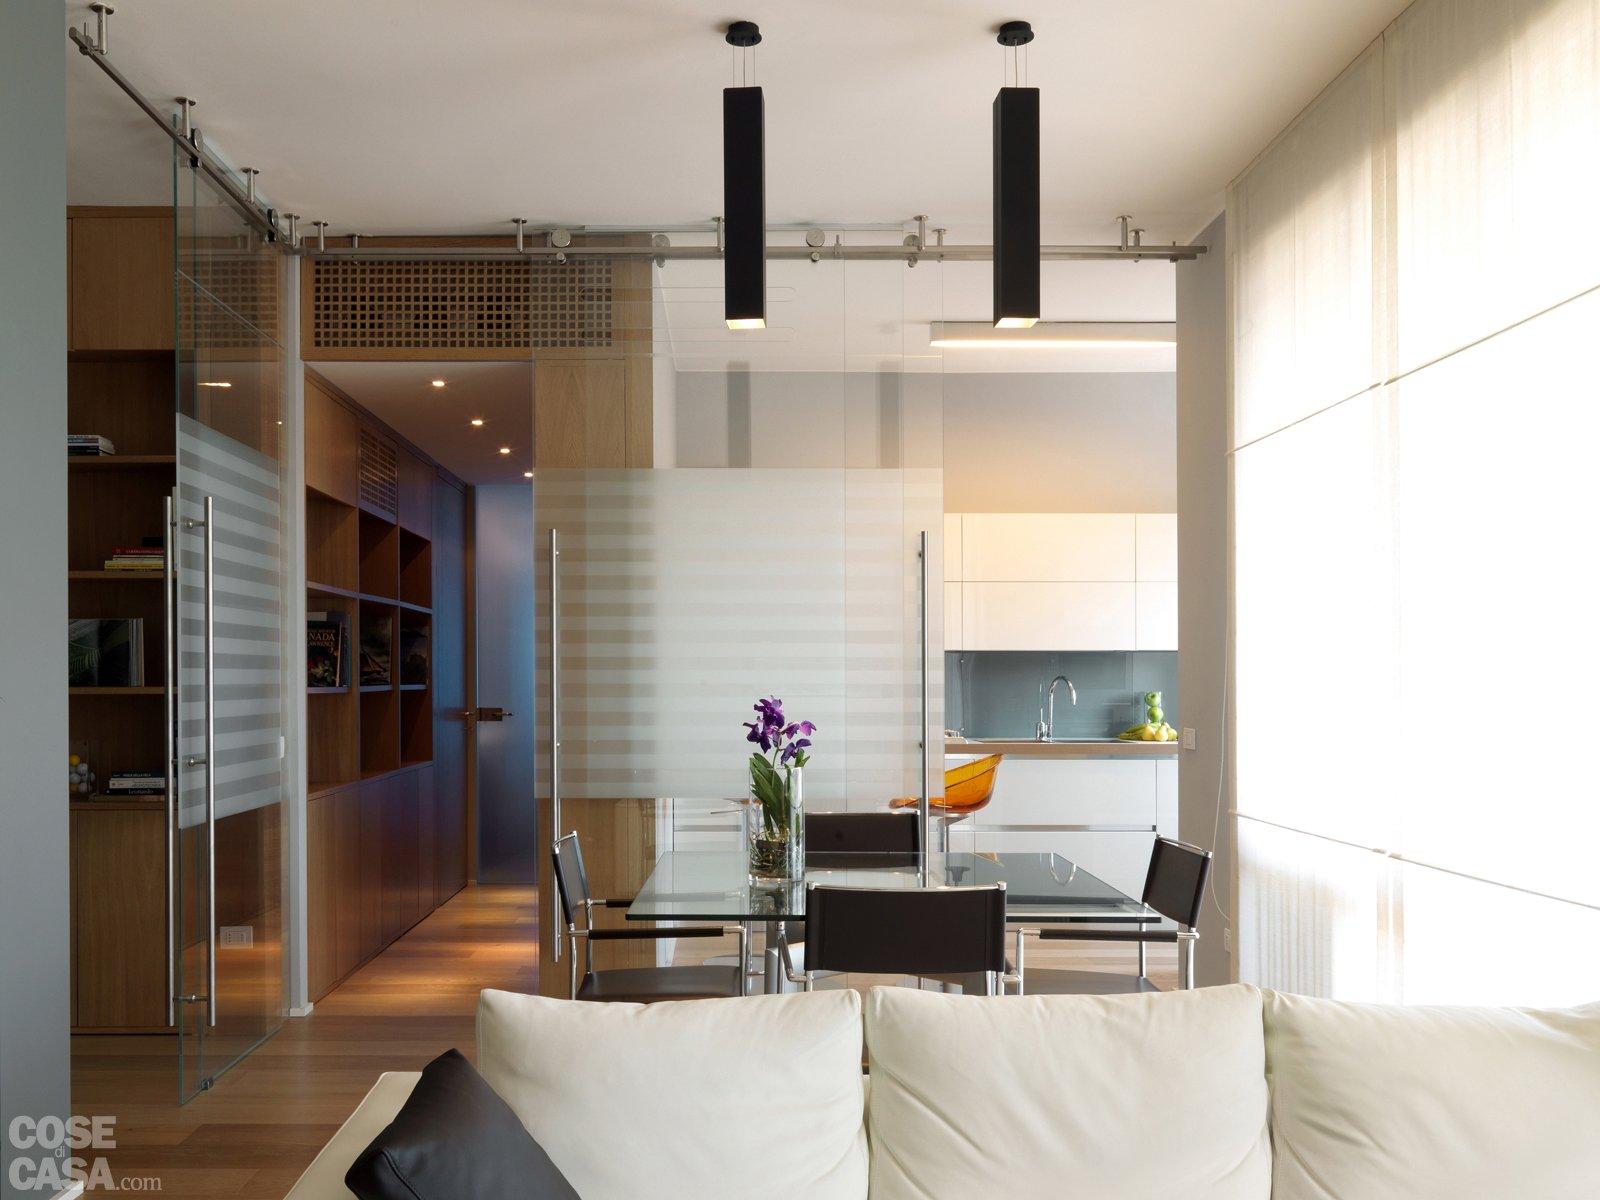 cucina e salone unico ambiente. cucina e salone unico ambiente ... - Ambiente Unico Cucina Soggiorno Casa